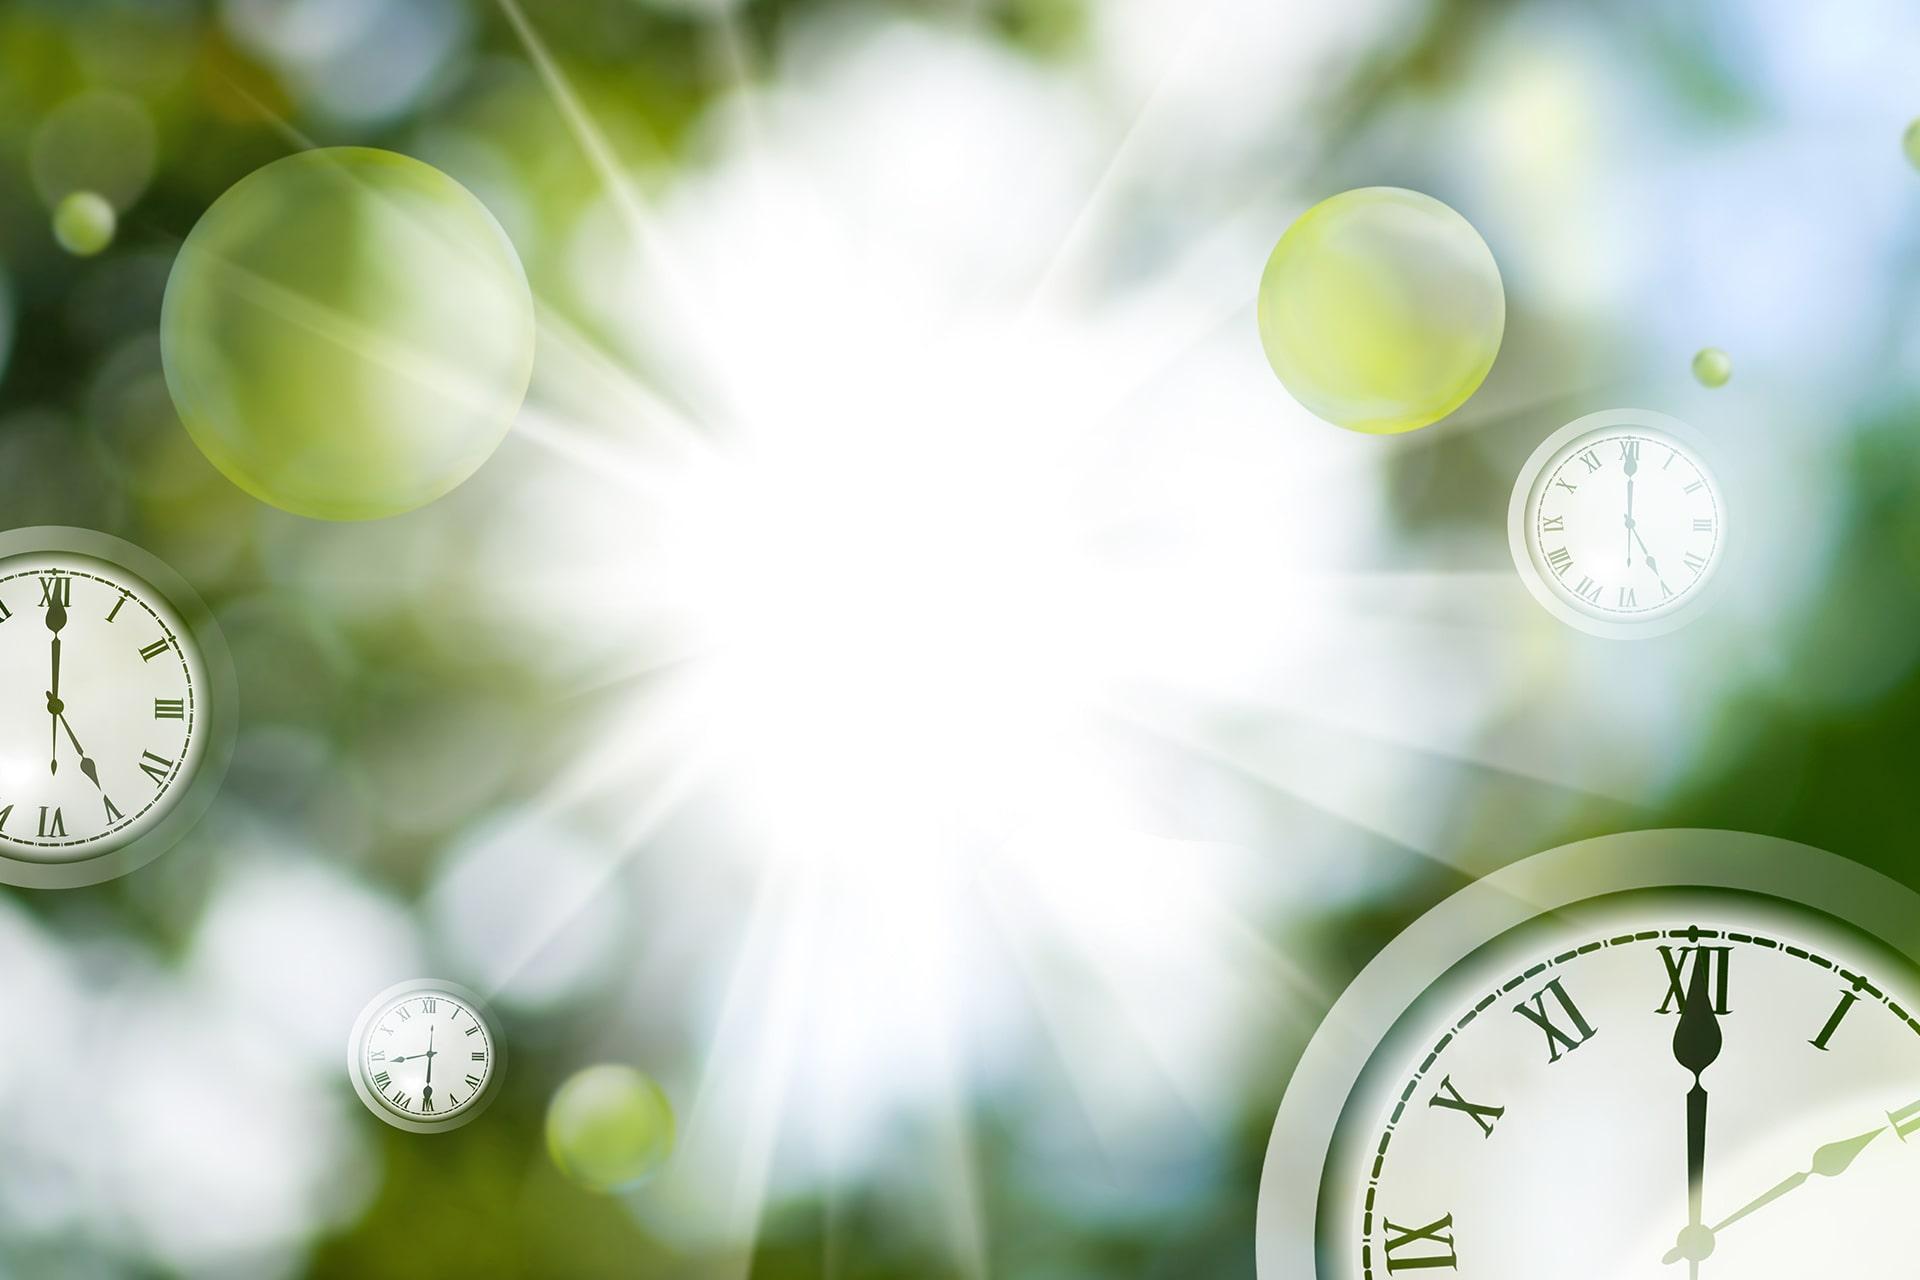 Institut Aurovida - Blog - Le manque de temps nous rendrait-il plus vivants? Réalité ou illusion?